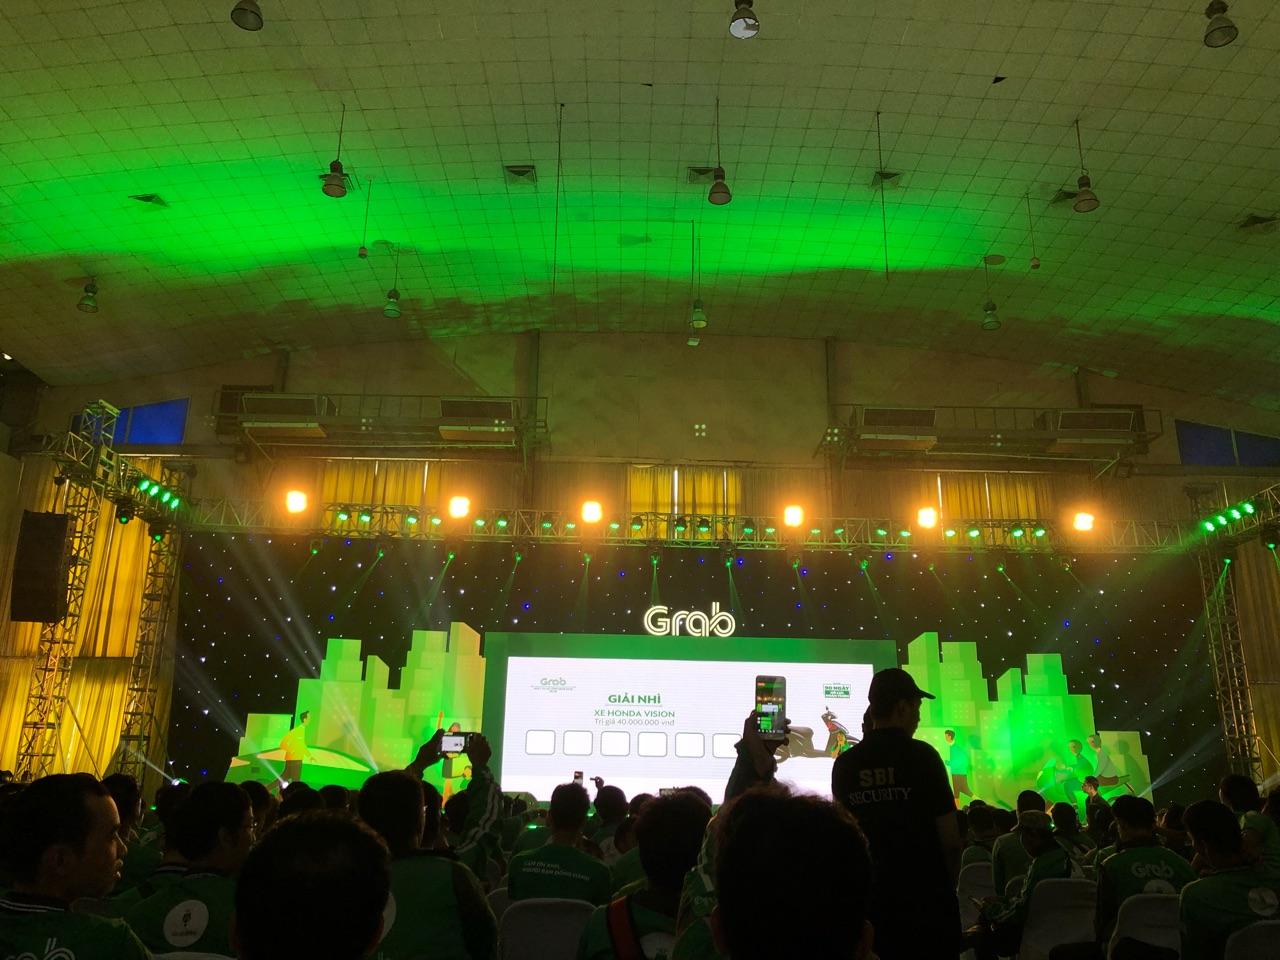 Hà Nội: Mặc mưa bão, Ngày hội tài xế công nghệ vẫn quy tụ hàng ngàn người tham gia - Ảnh 7.